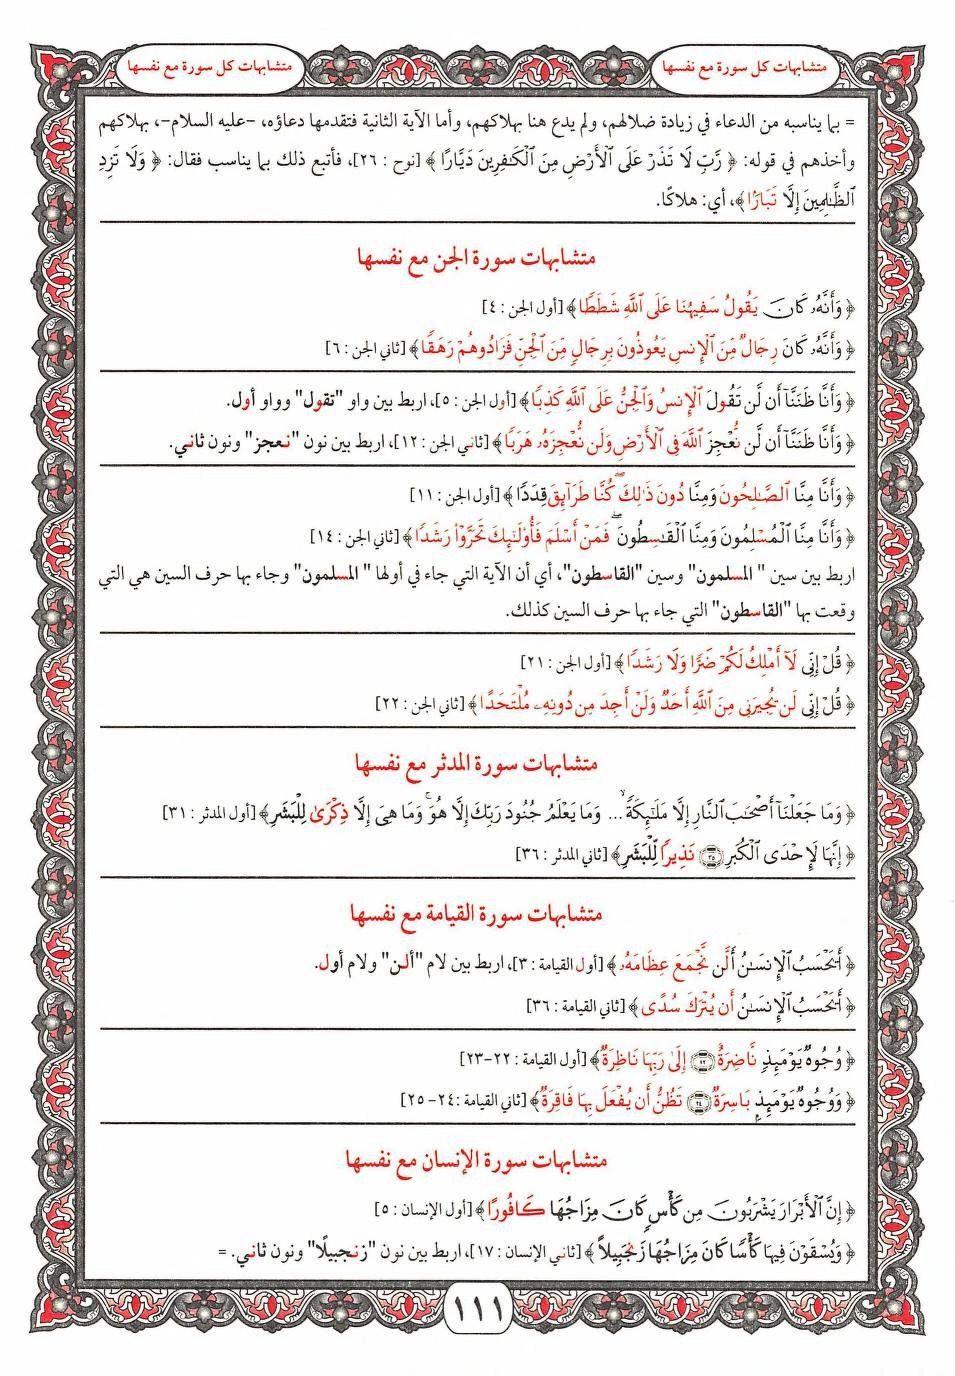 الآيه التاسعه سورة القيامة التفسير المصور Calligraphy Social Security Card Arabic Calligraphy